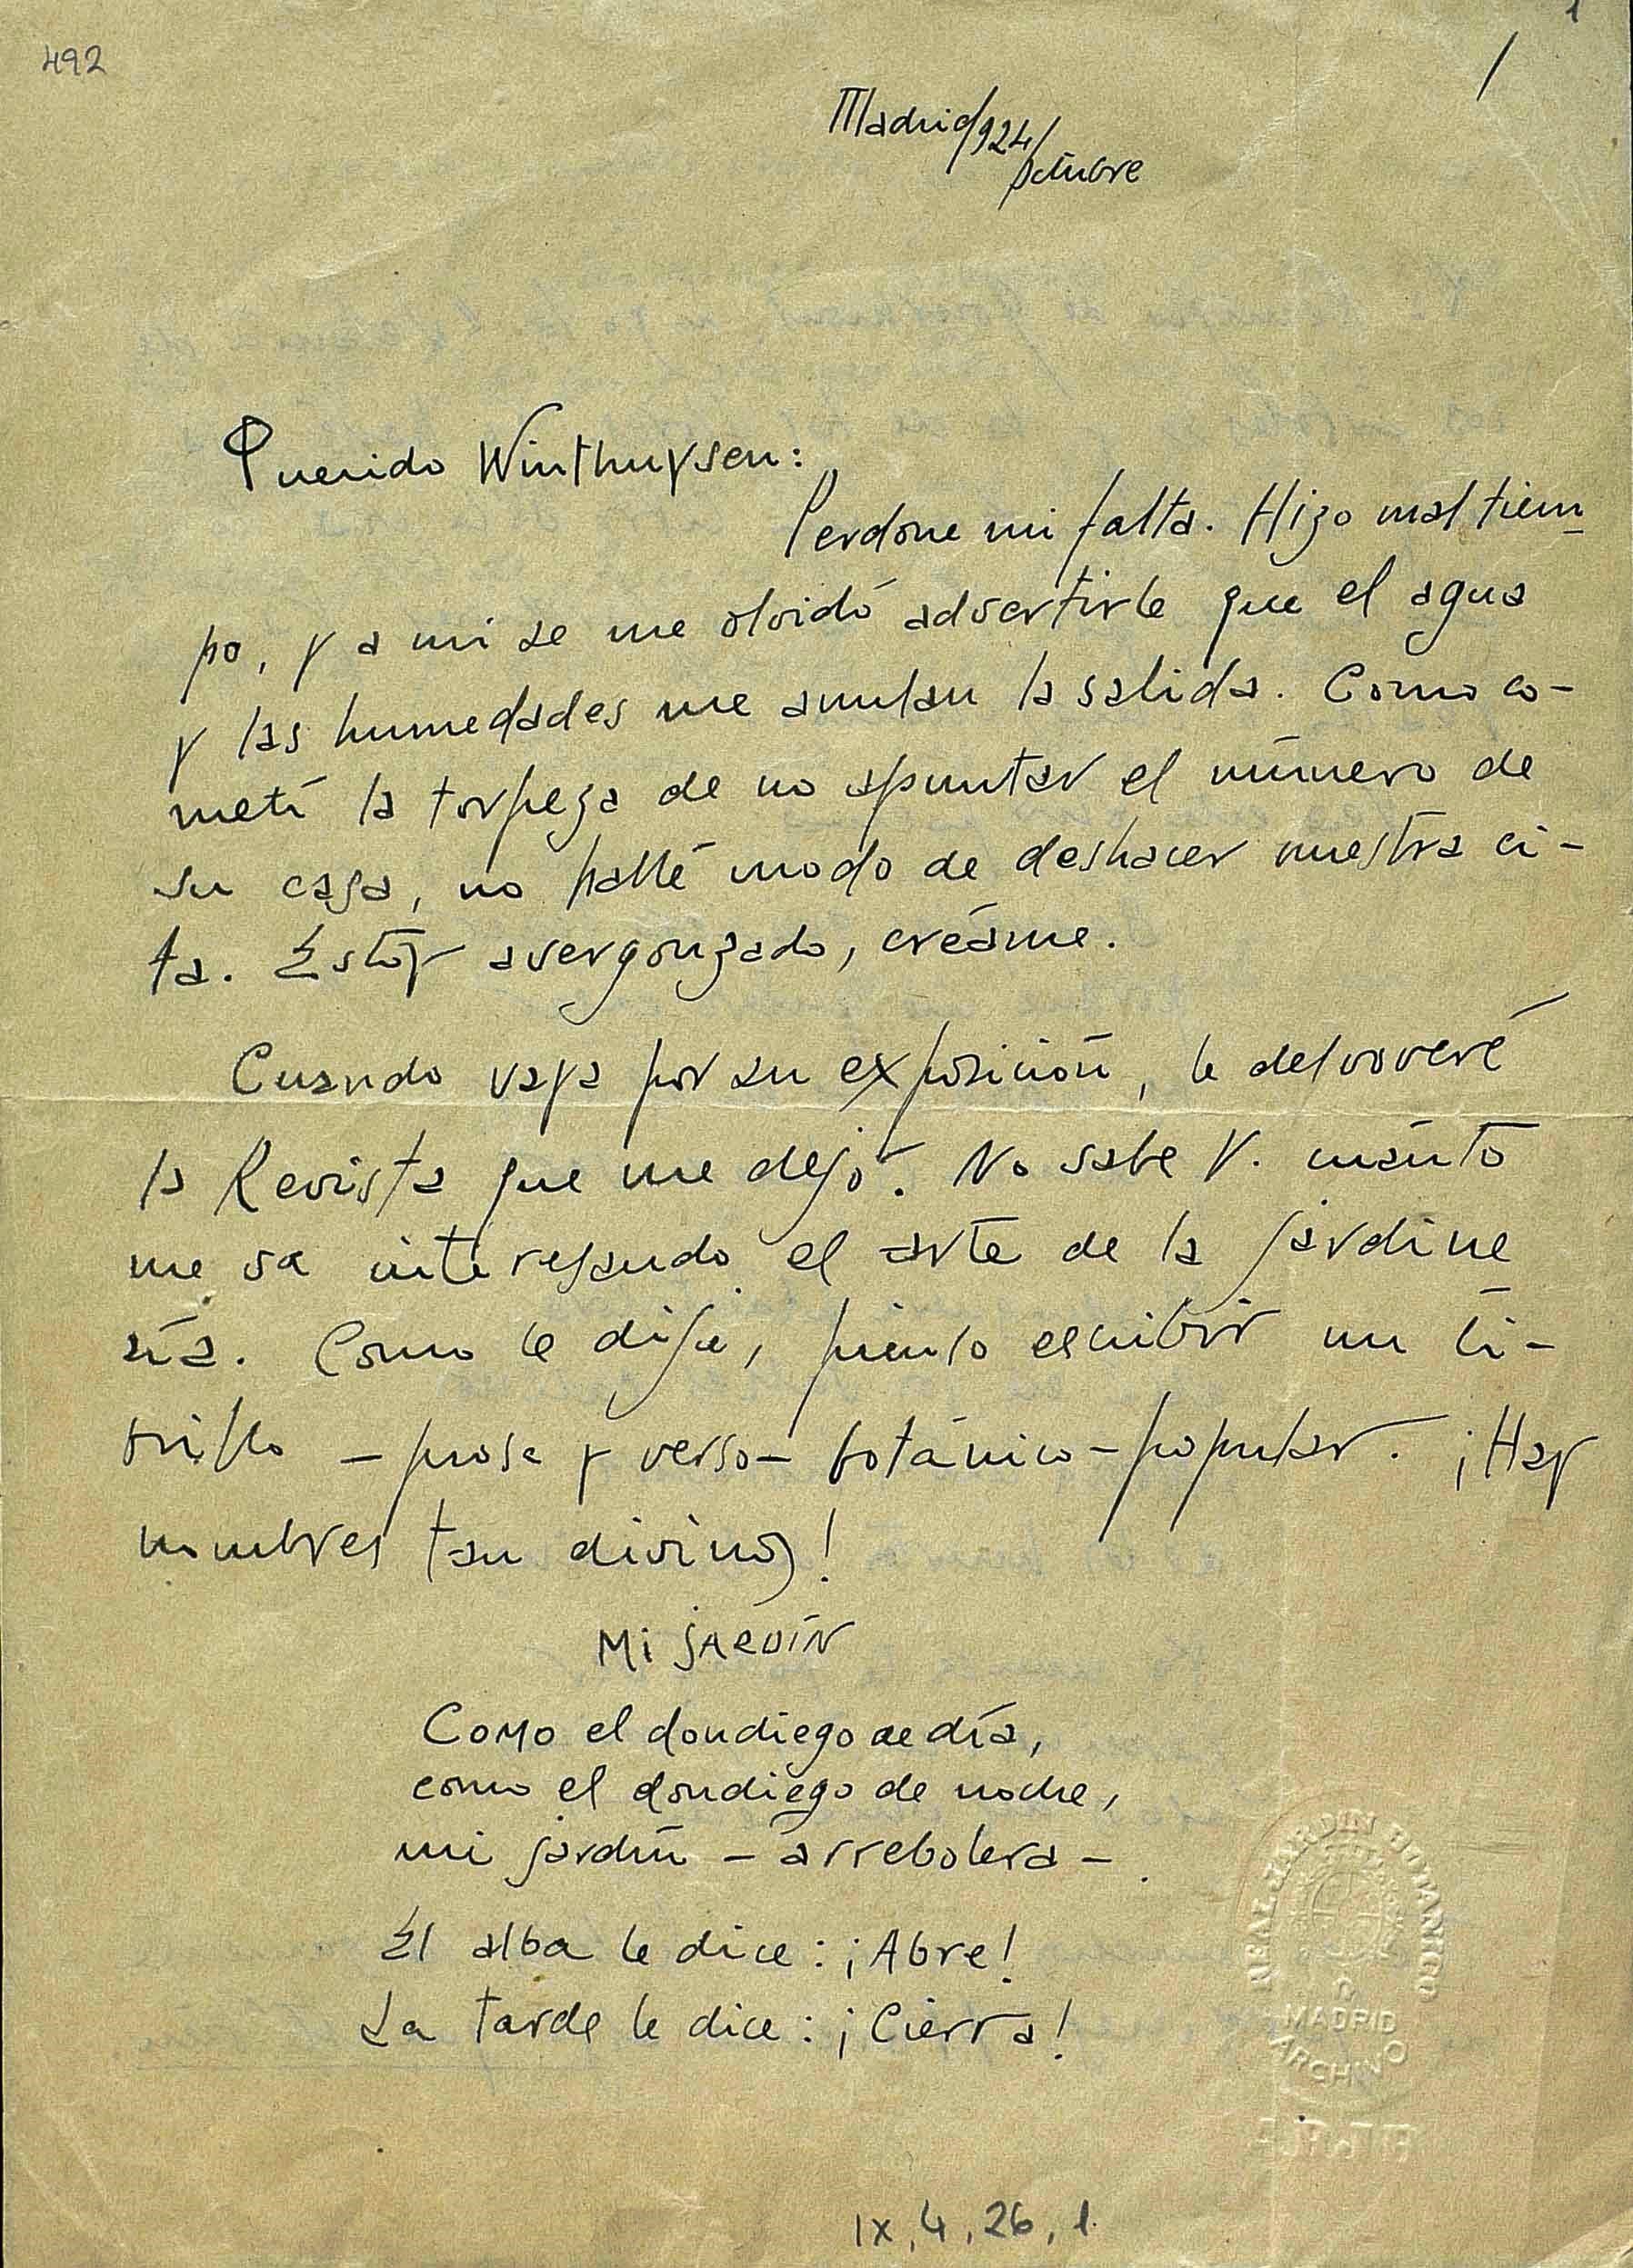 Archivo del Real Jardín Botánico. Carta autógrafa de Rafael Alberti. AJB, div. IX, 4, 26, 1